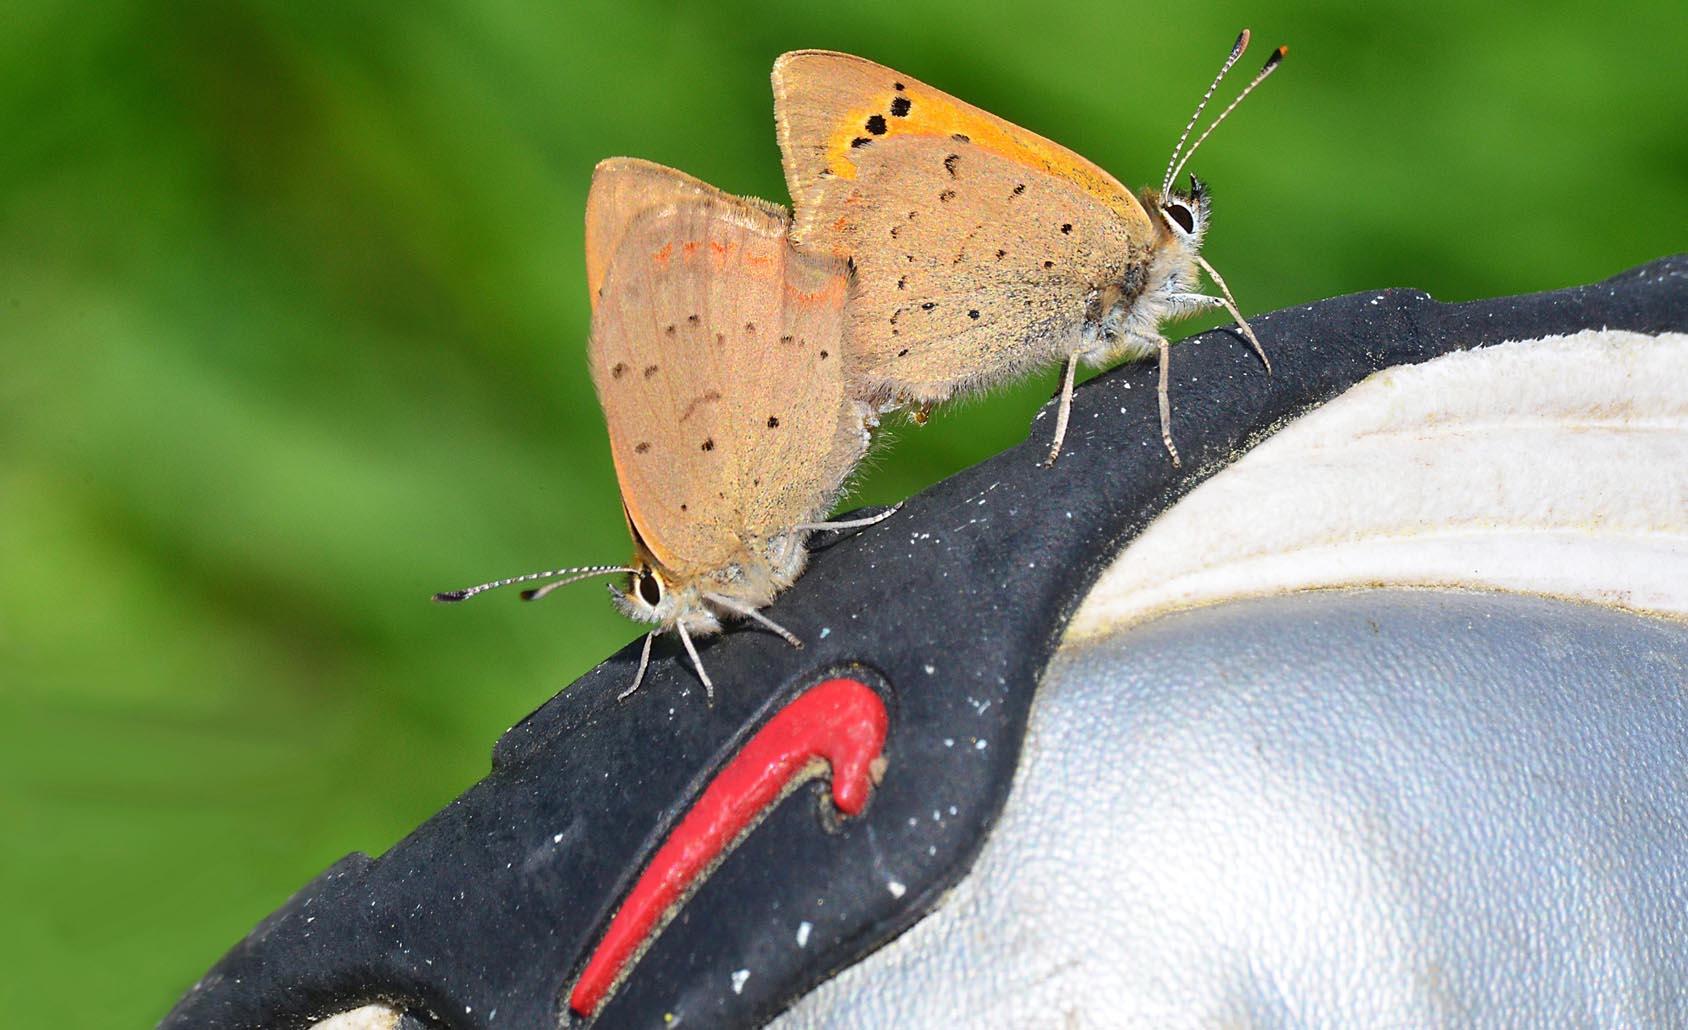 Mating butterflies just do it